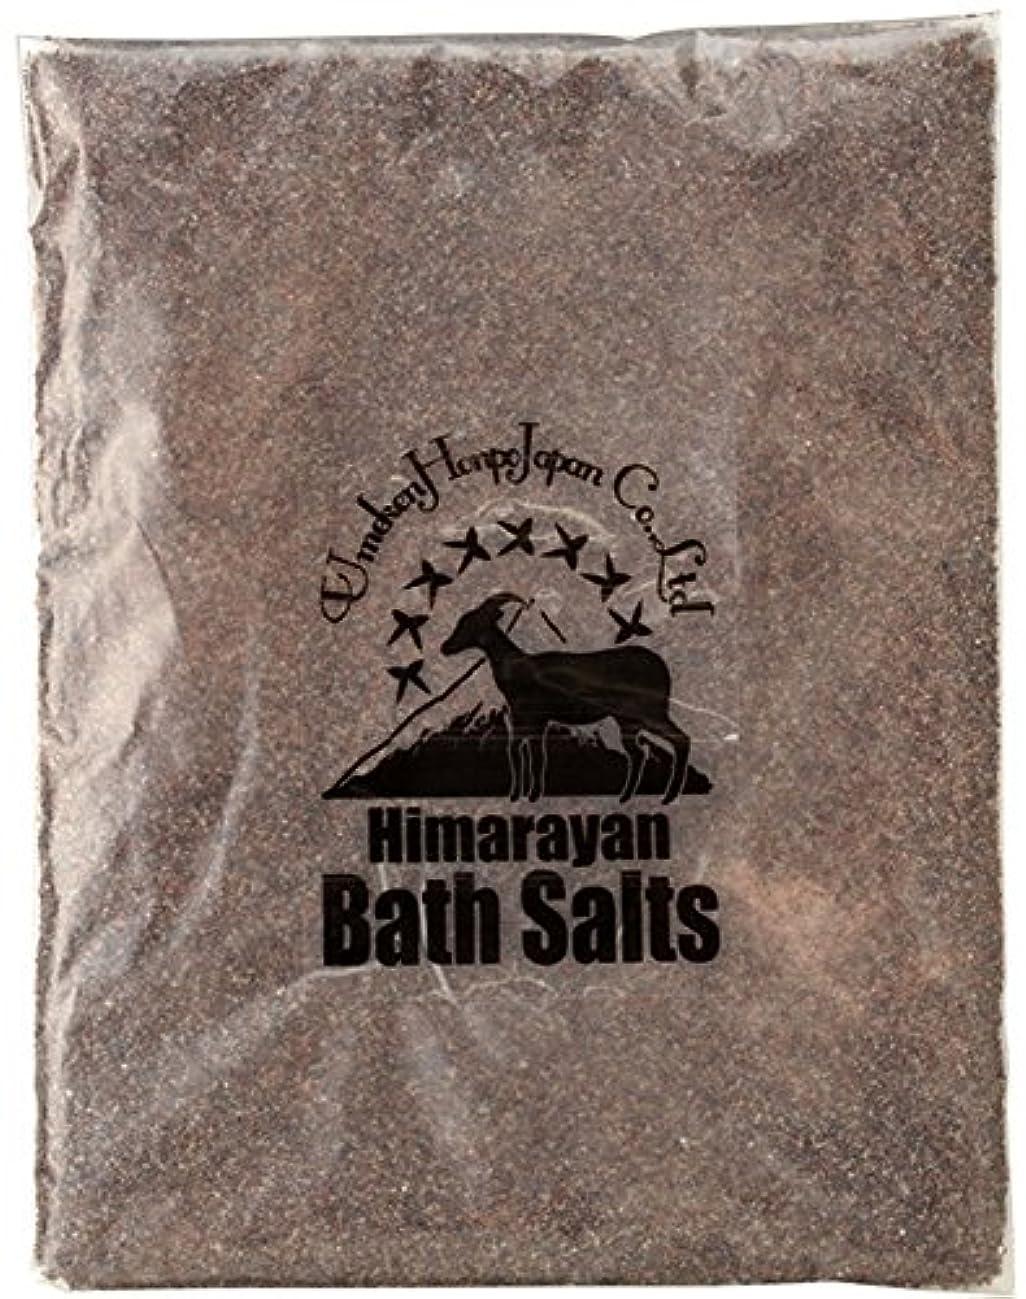 軍団にぎやか収まるヒマラヤ岩塩 バスソルト ブラック あら塩 3kg